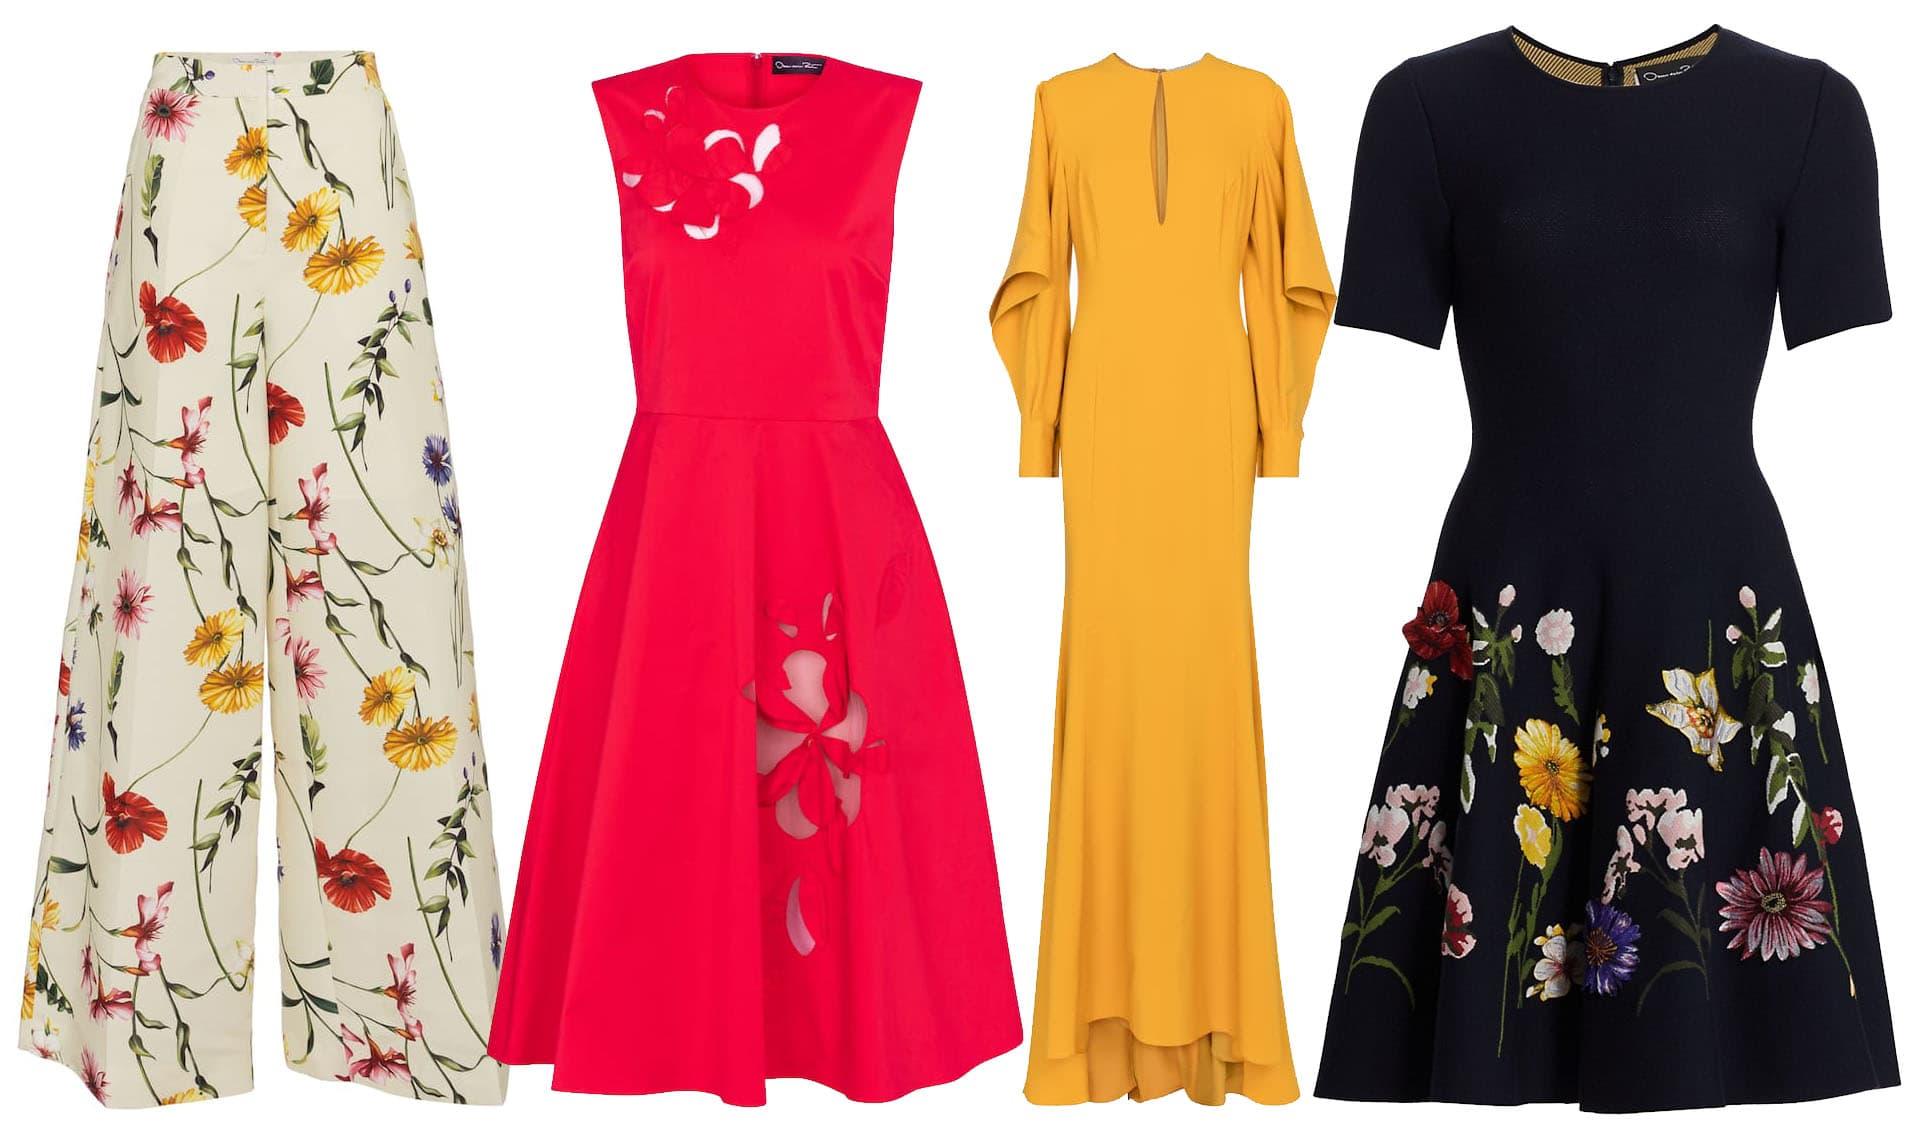 Oscar de la Renta is known for his elegant feminine designs